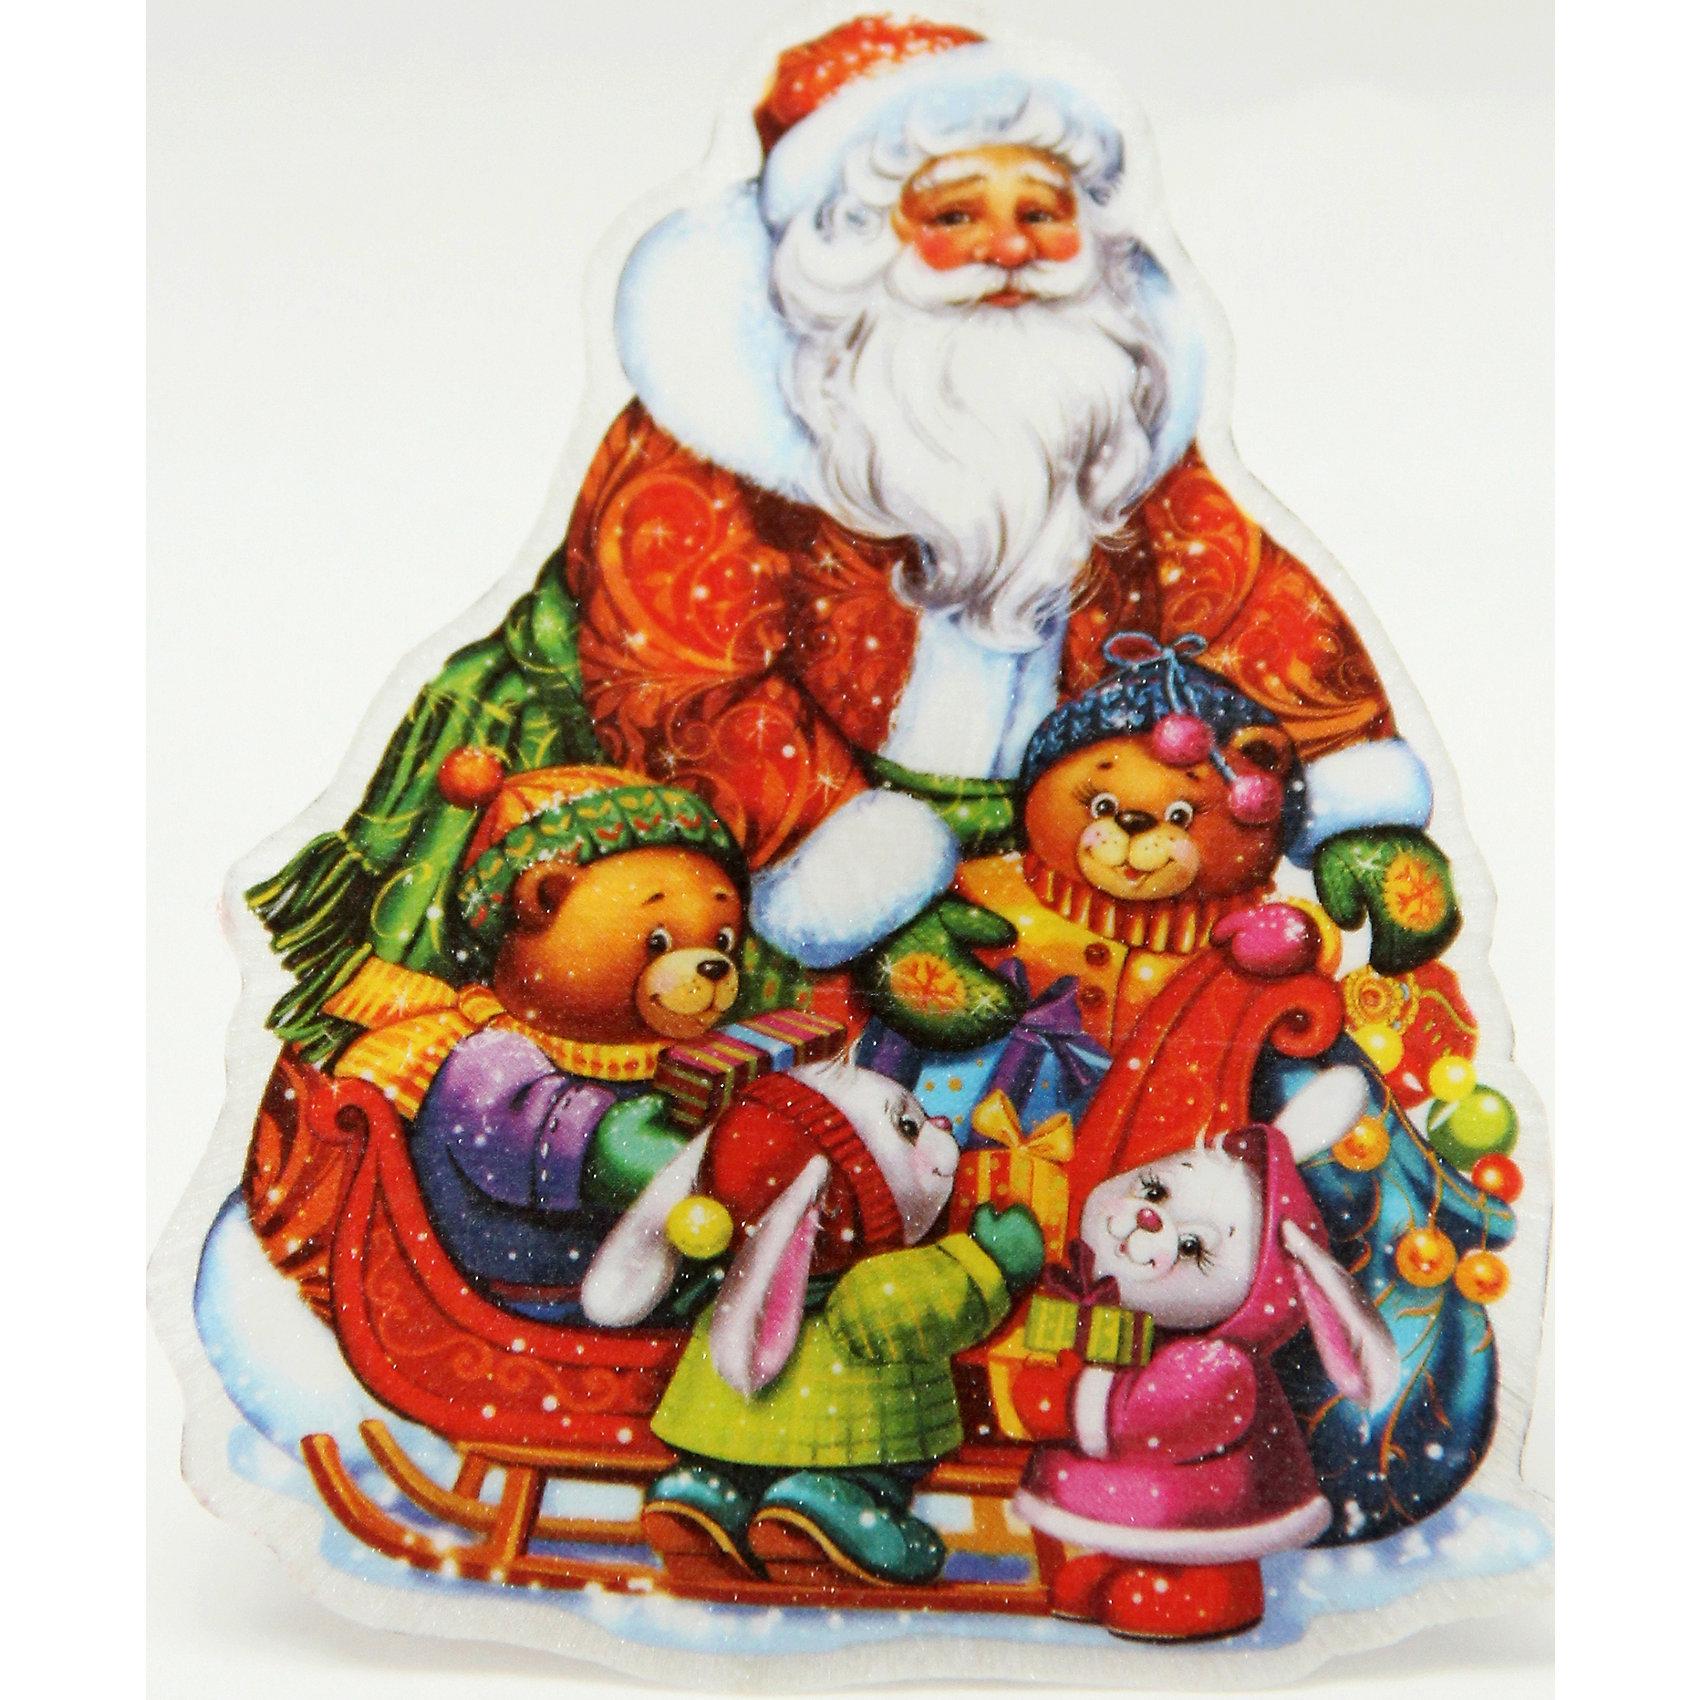 Украшение Новогоднее настроение со светодиодной подсветкойПриближение Нового года не может не радовать! Особое время - сам праздник и предновогодние хлопоты - ждут не только дети, но и взрослые! Праздничное настроение создает в первую очередь украшенный дом и наряженная ёлка. <br>Эта фигурка идет в комплекте с элементом питания, который помогает создавать для неё праздничную подсветку. Изделие произведено из безопасного для детей, прочного, но легкого, материала. Создайте с ним праздничное настроение себе и близким!<br><br>Дополнительная информация:<br><br>цвет: разноцветный;<br>материал: ПВХ;<br>элемент питания: CR2032;<br>мощность 0,06 Вт, напряжение 3 В;<br>размер: 11 x 10 x 3 см.<br><br>Украшение Новогоднее настроение со светодиодной подсветкой можно купить в нашем магазине.<br><br>Ширина мм: 100<br>Глубина мм: 100<br>Высота мм: 60<br>Вес г: 28<br>Возраст от месяцев: 36<br>Возраст до месяцев: 2147483647<br>Пол: Унисекс<br>Возраст: Детский<br>SKU: 4981631